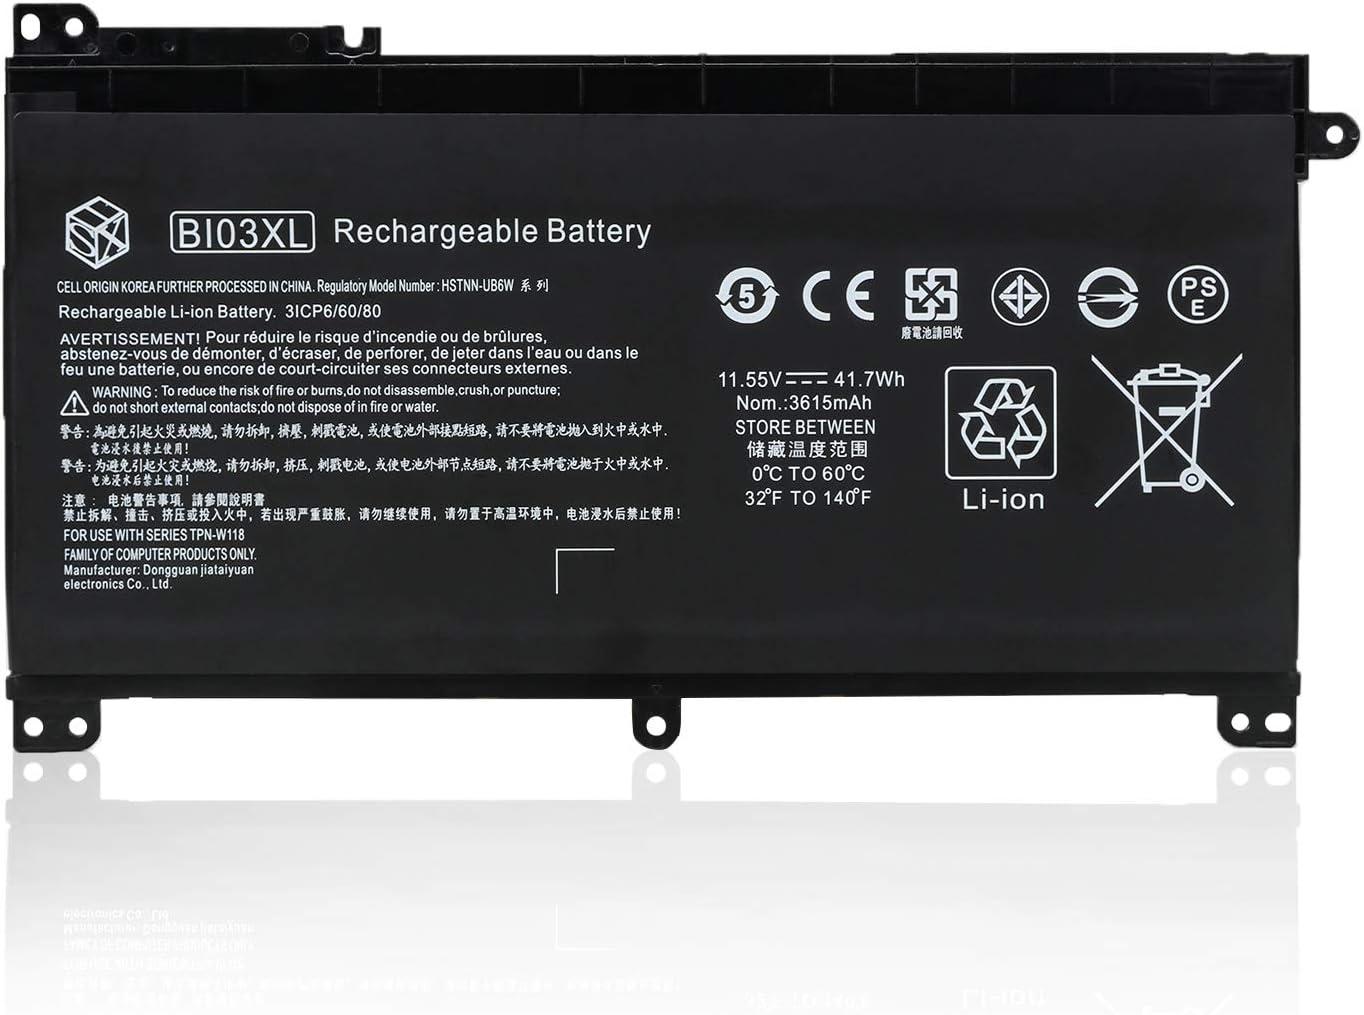 HSX BI03XL ON03XL Laptop Battery for HP Pavilion X360 13-U M3-U M3-U001DX U103DX U100TU U105DX U118TU Stream 14-AX 14-ax010wm 14-ax020wm 14-ax030wm Series 843537-541 915230-541 [11.55v/3615mAh/41.7Wh]